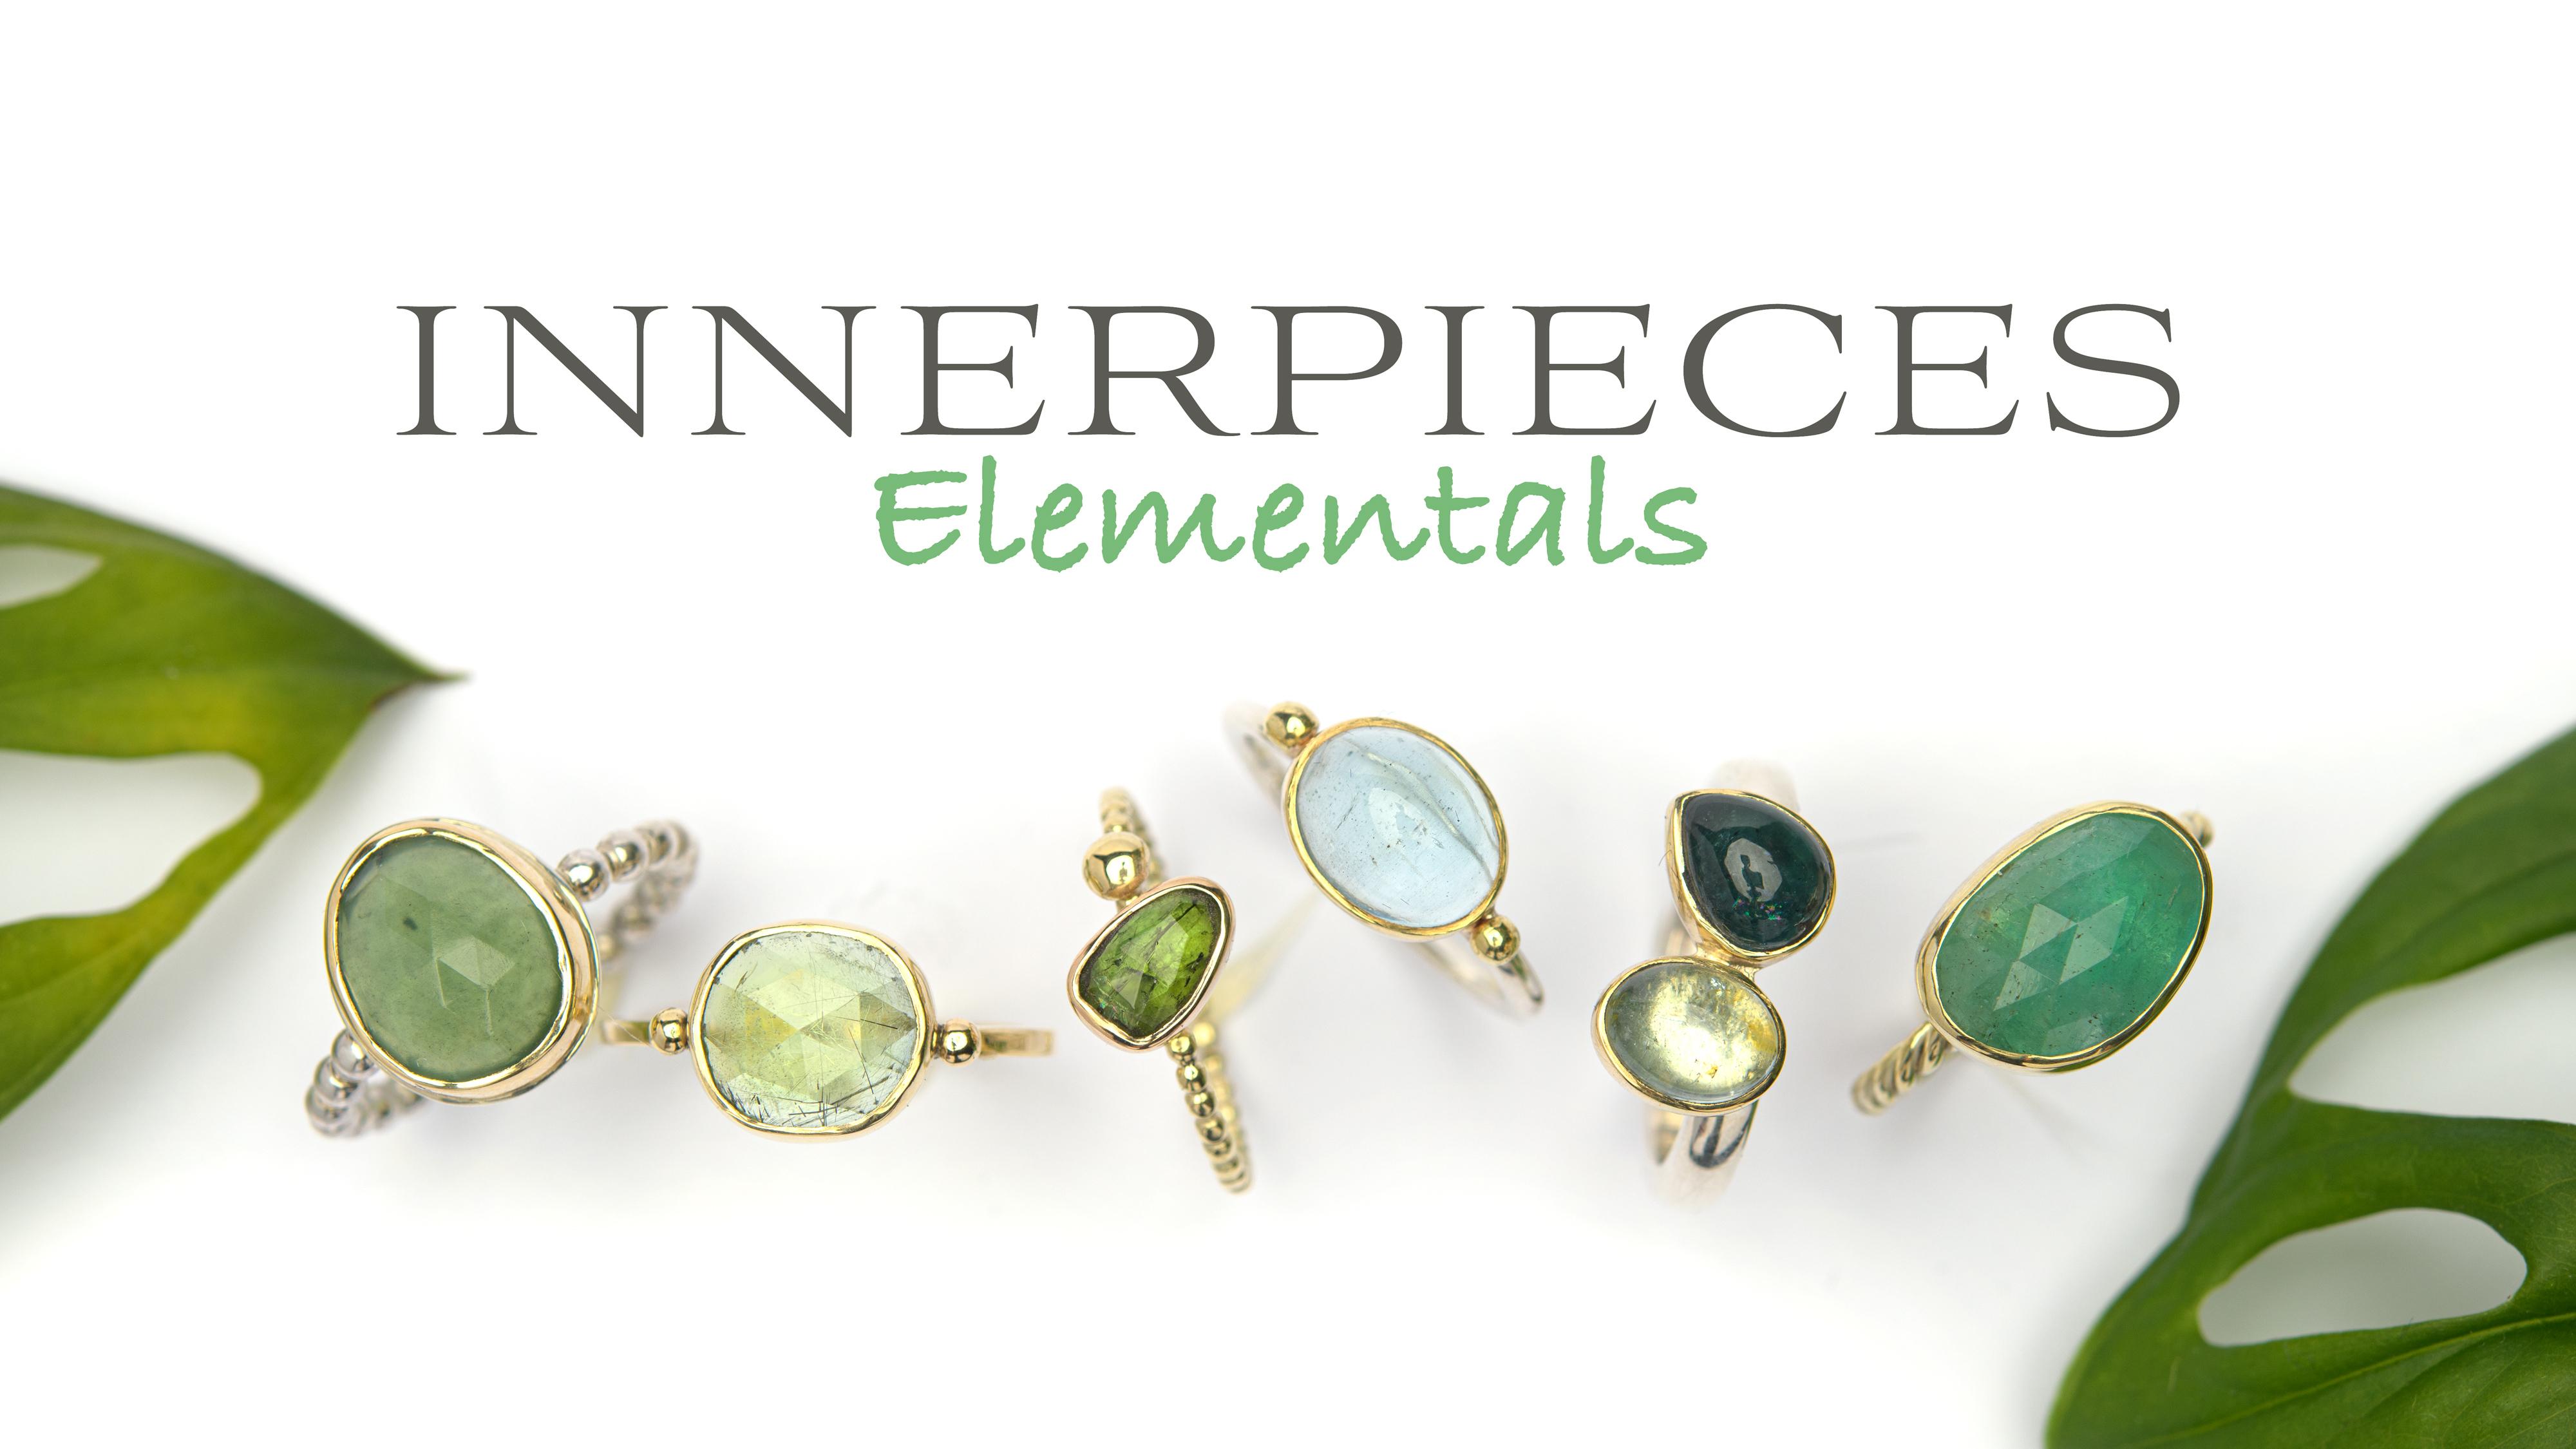 Innerpieces - Elementals